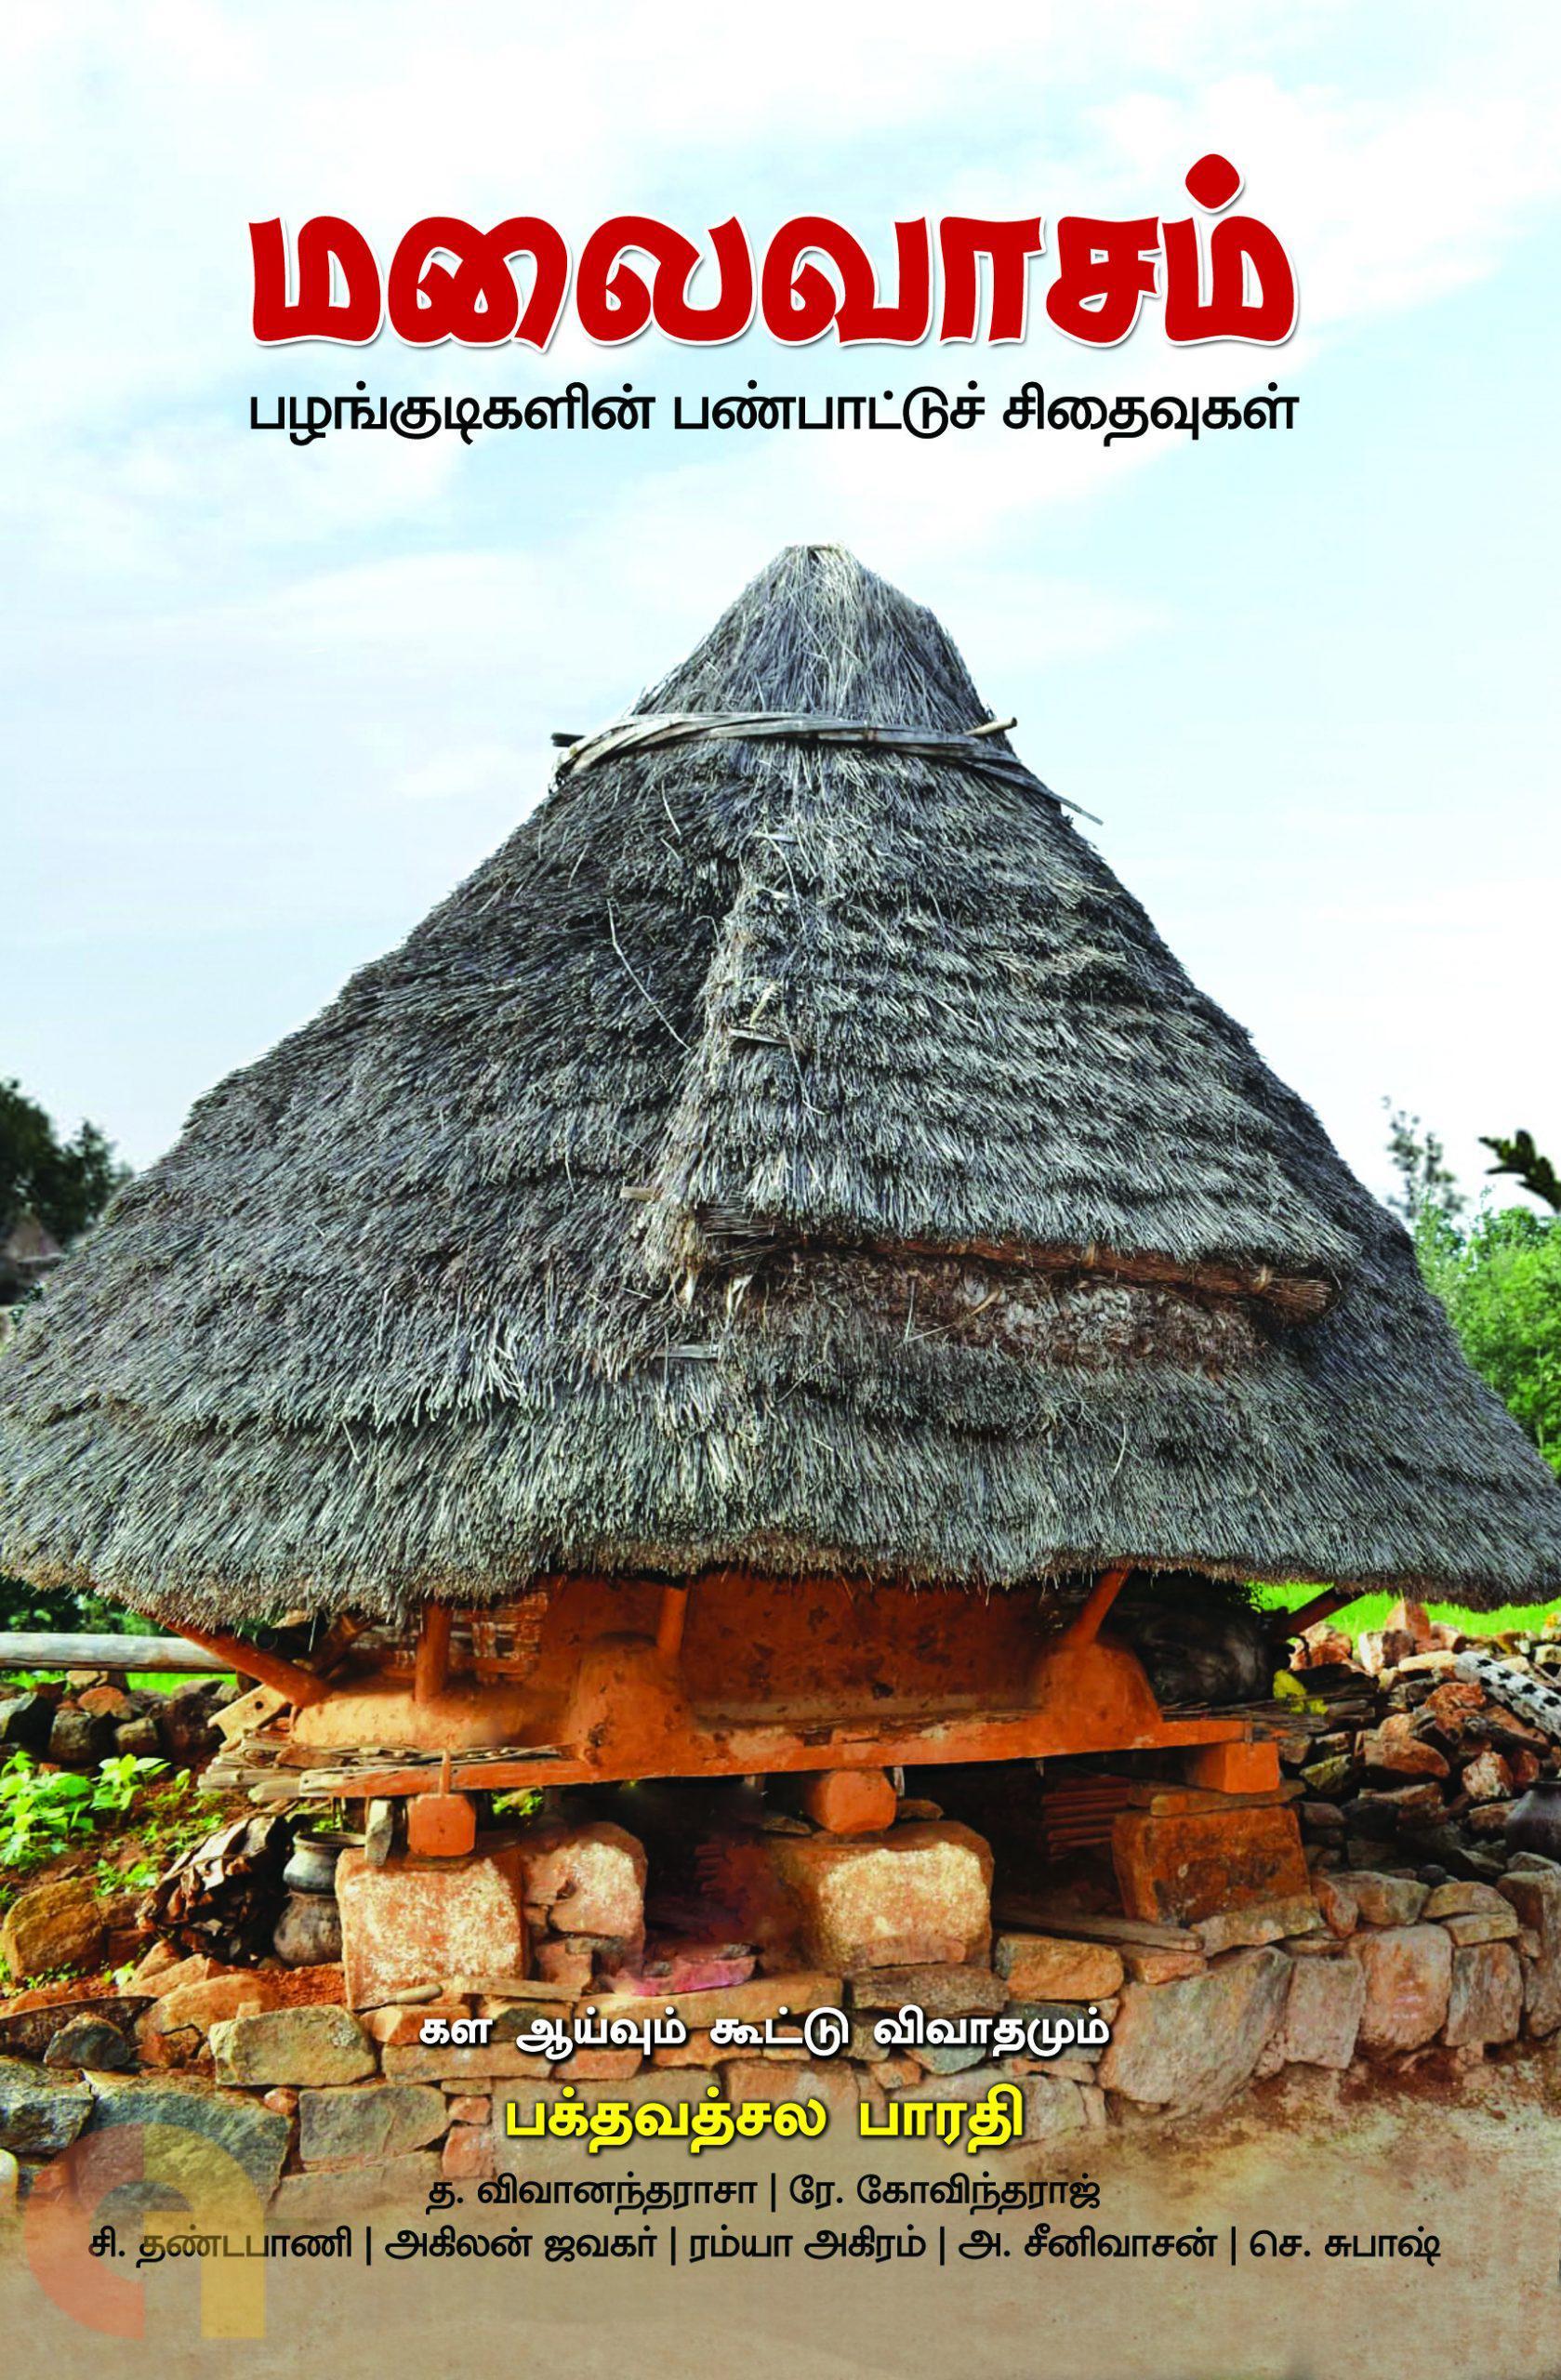 மலைவாசம்: பழங்குடிகளின் பண்பாட்டுச் சிதைவுகள்